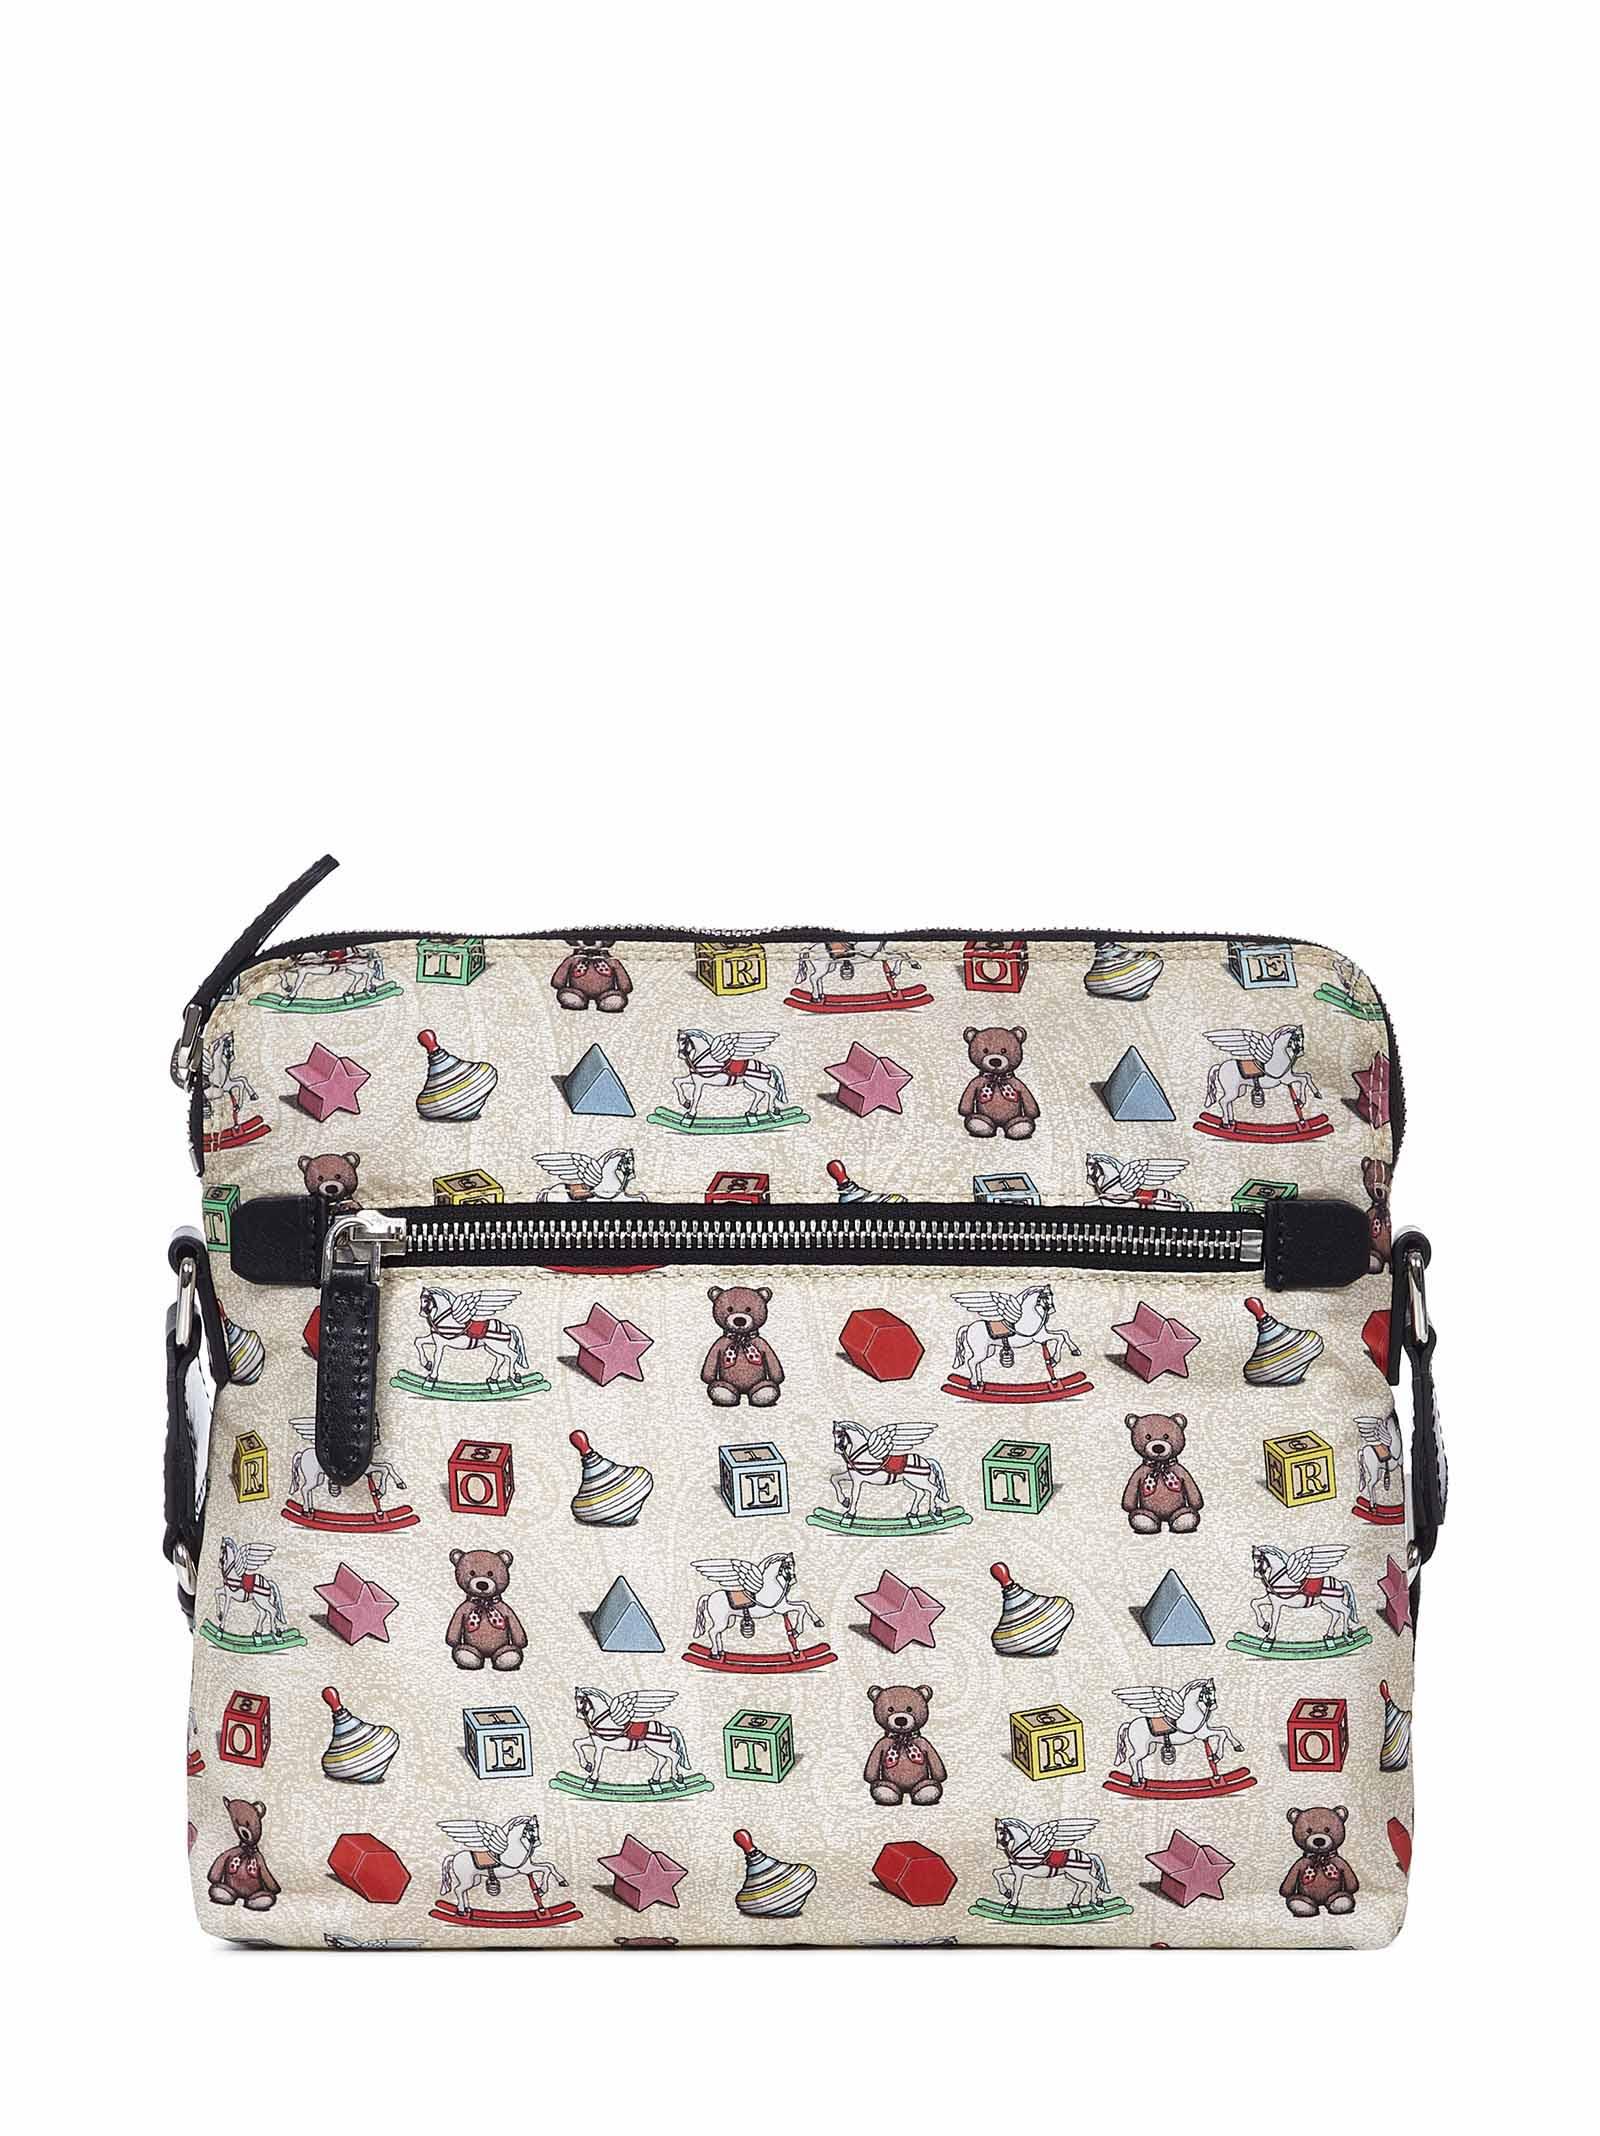 Etro Toys Shoulder Bag In Multicolor